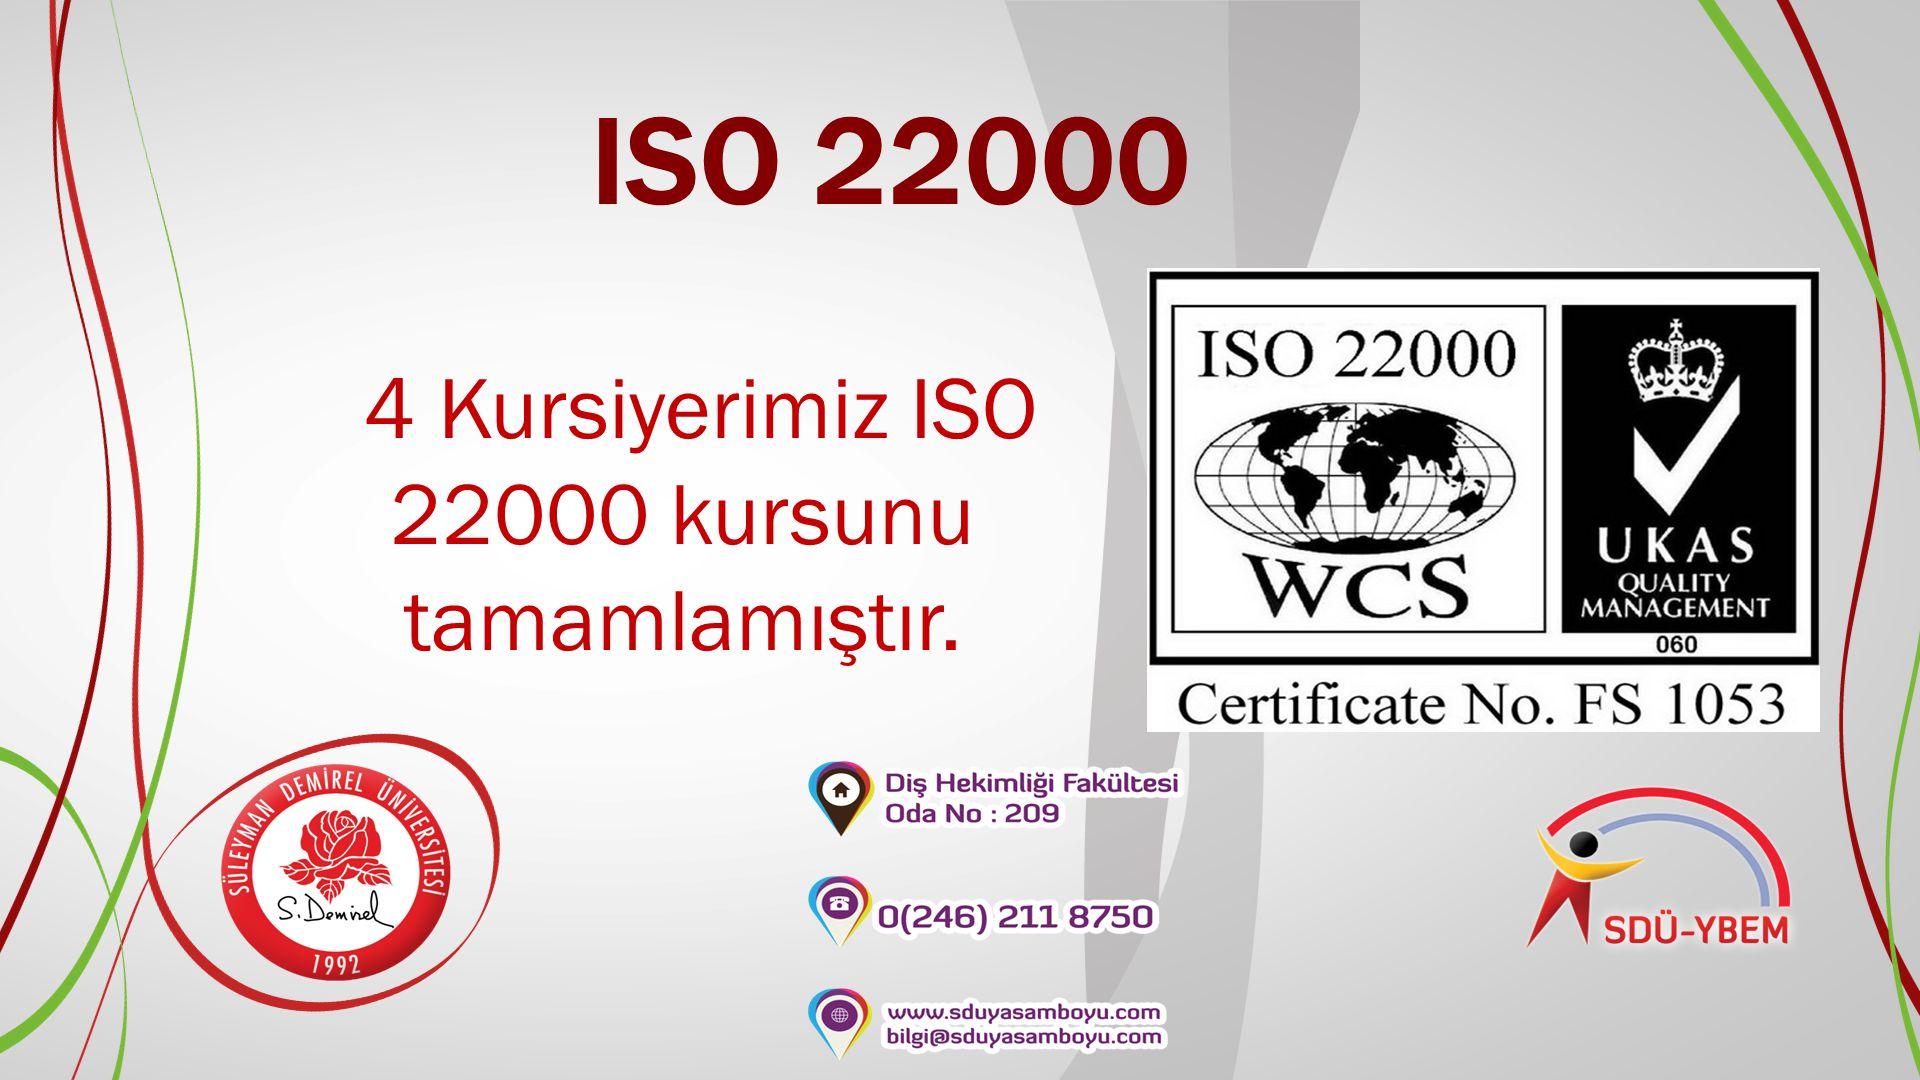 4 Kursiyerimiz ISO 22000 kursunu tamamlamıştır.